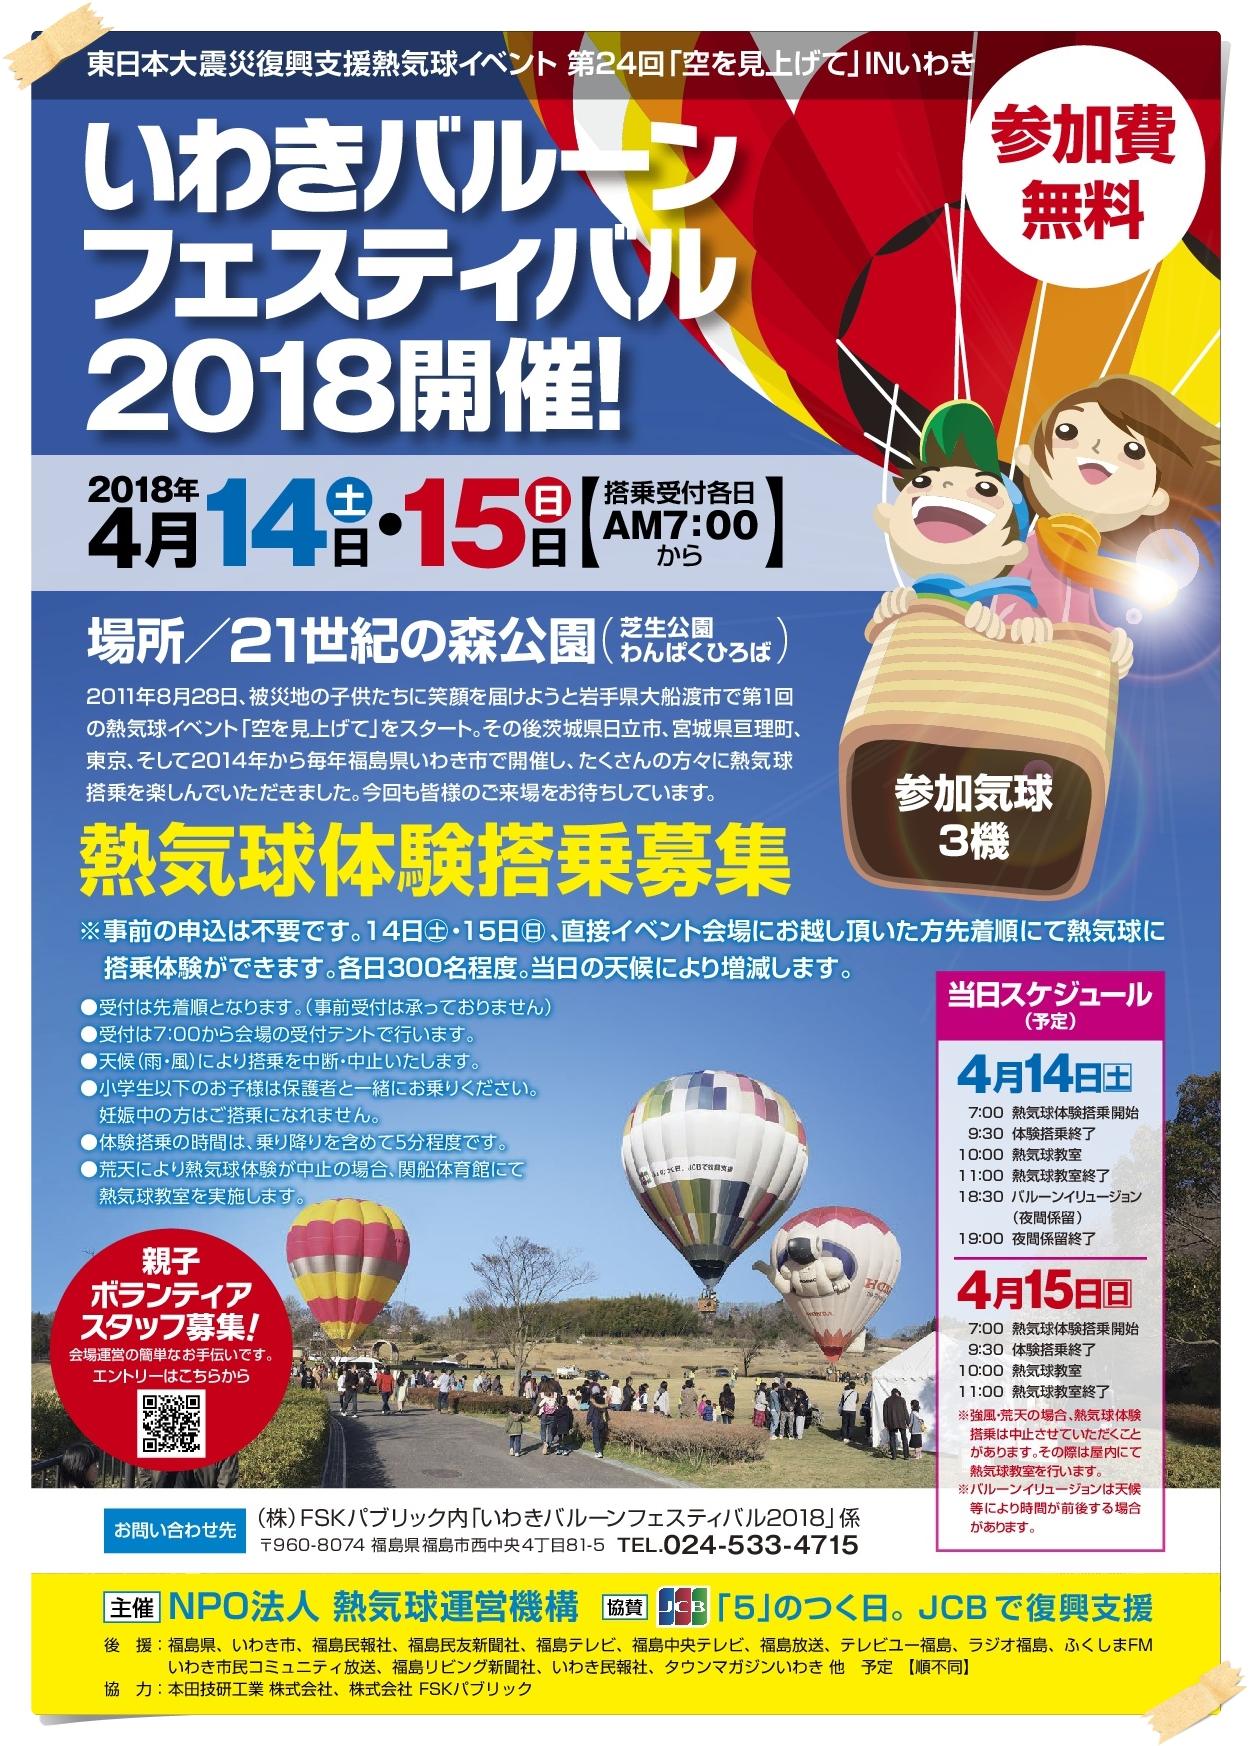 いわきに熱気球がやってくる!「いわきバルーンフェスティバル2018」今週末開催! [平成30年4月9日(月)更新]1